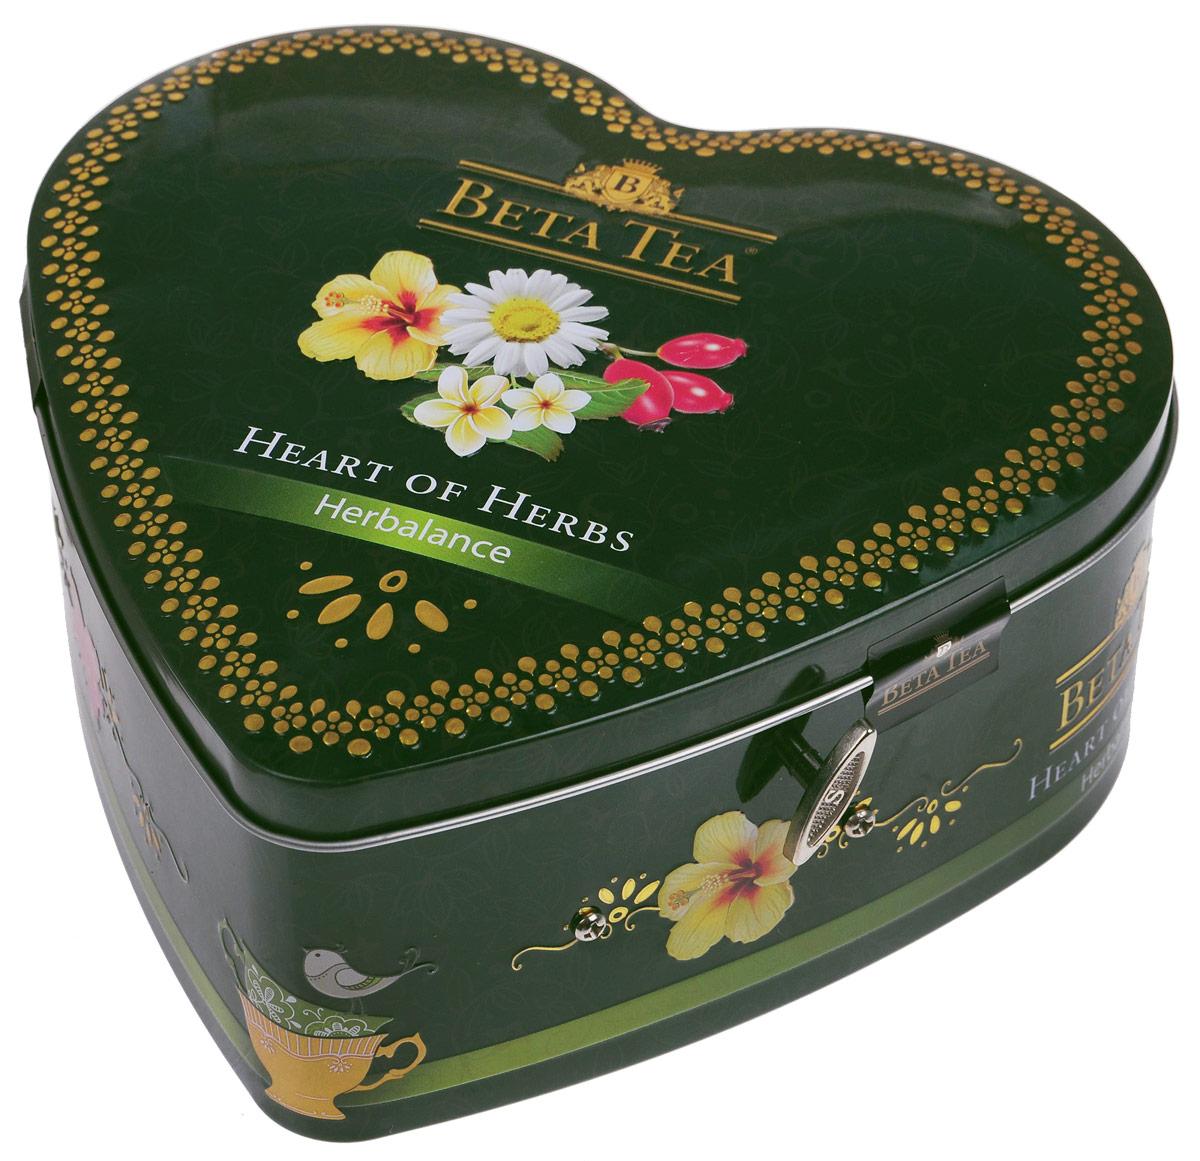 Beta Tea Травяной чай в пакетиках, 40 шт (музыкальная шкатулка)8690717011394Сама природа подарила нам чайный набор Бета Травяной. Необычайно мягкие, бесконечно длящиеся вкусы чая Бета Травяной являются прекрасным средством профилактики от стресса. С каждым глотком сила чая дает ощущение блаженного спокойствия и душевного равновесия. В состав входят: Бета Чай Травяная композиция с ромашкой. 10 пакетиков по 1,5 г. Бета Чай Травяная композиция с шиповником. 10 пакетиков по 2 г. Бета Чай Травяная композиция Слимфит. 10 пакетиков по 2 г. Бета Чай Травяная композиция с каркадэ. 10 пакетиков по 2 г.